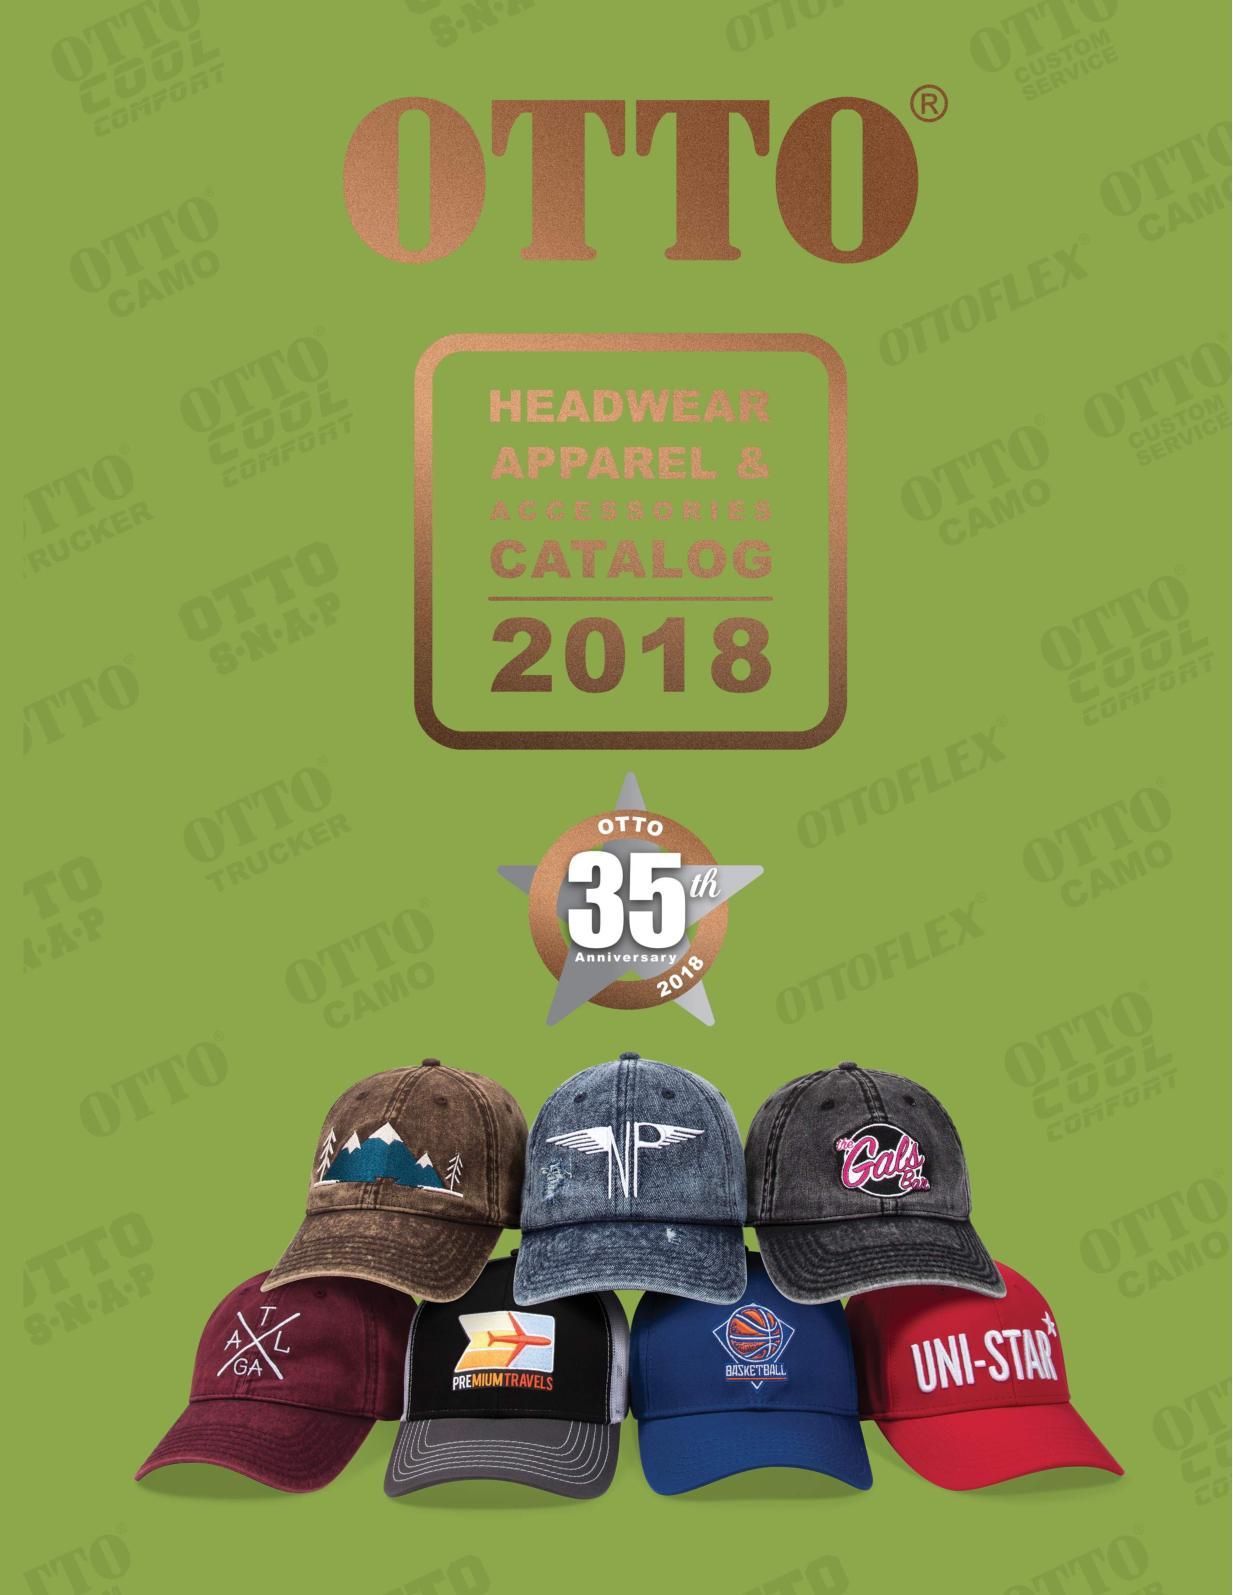 a3074b94c55 Calaméo - OTTO Cap Catalog 2018